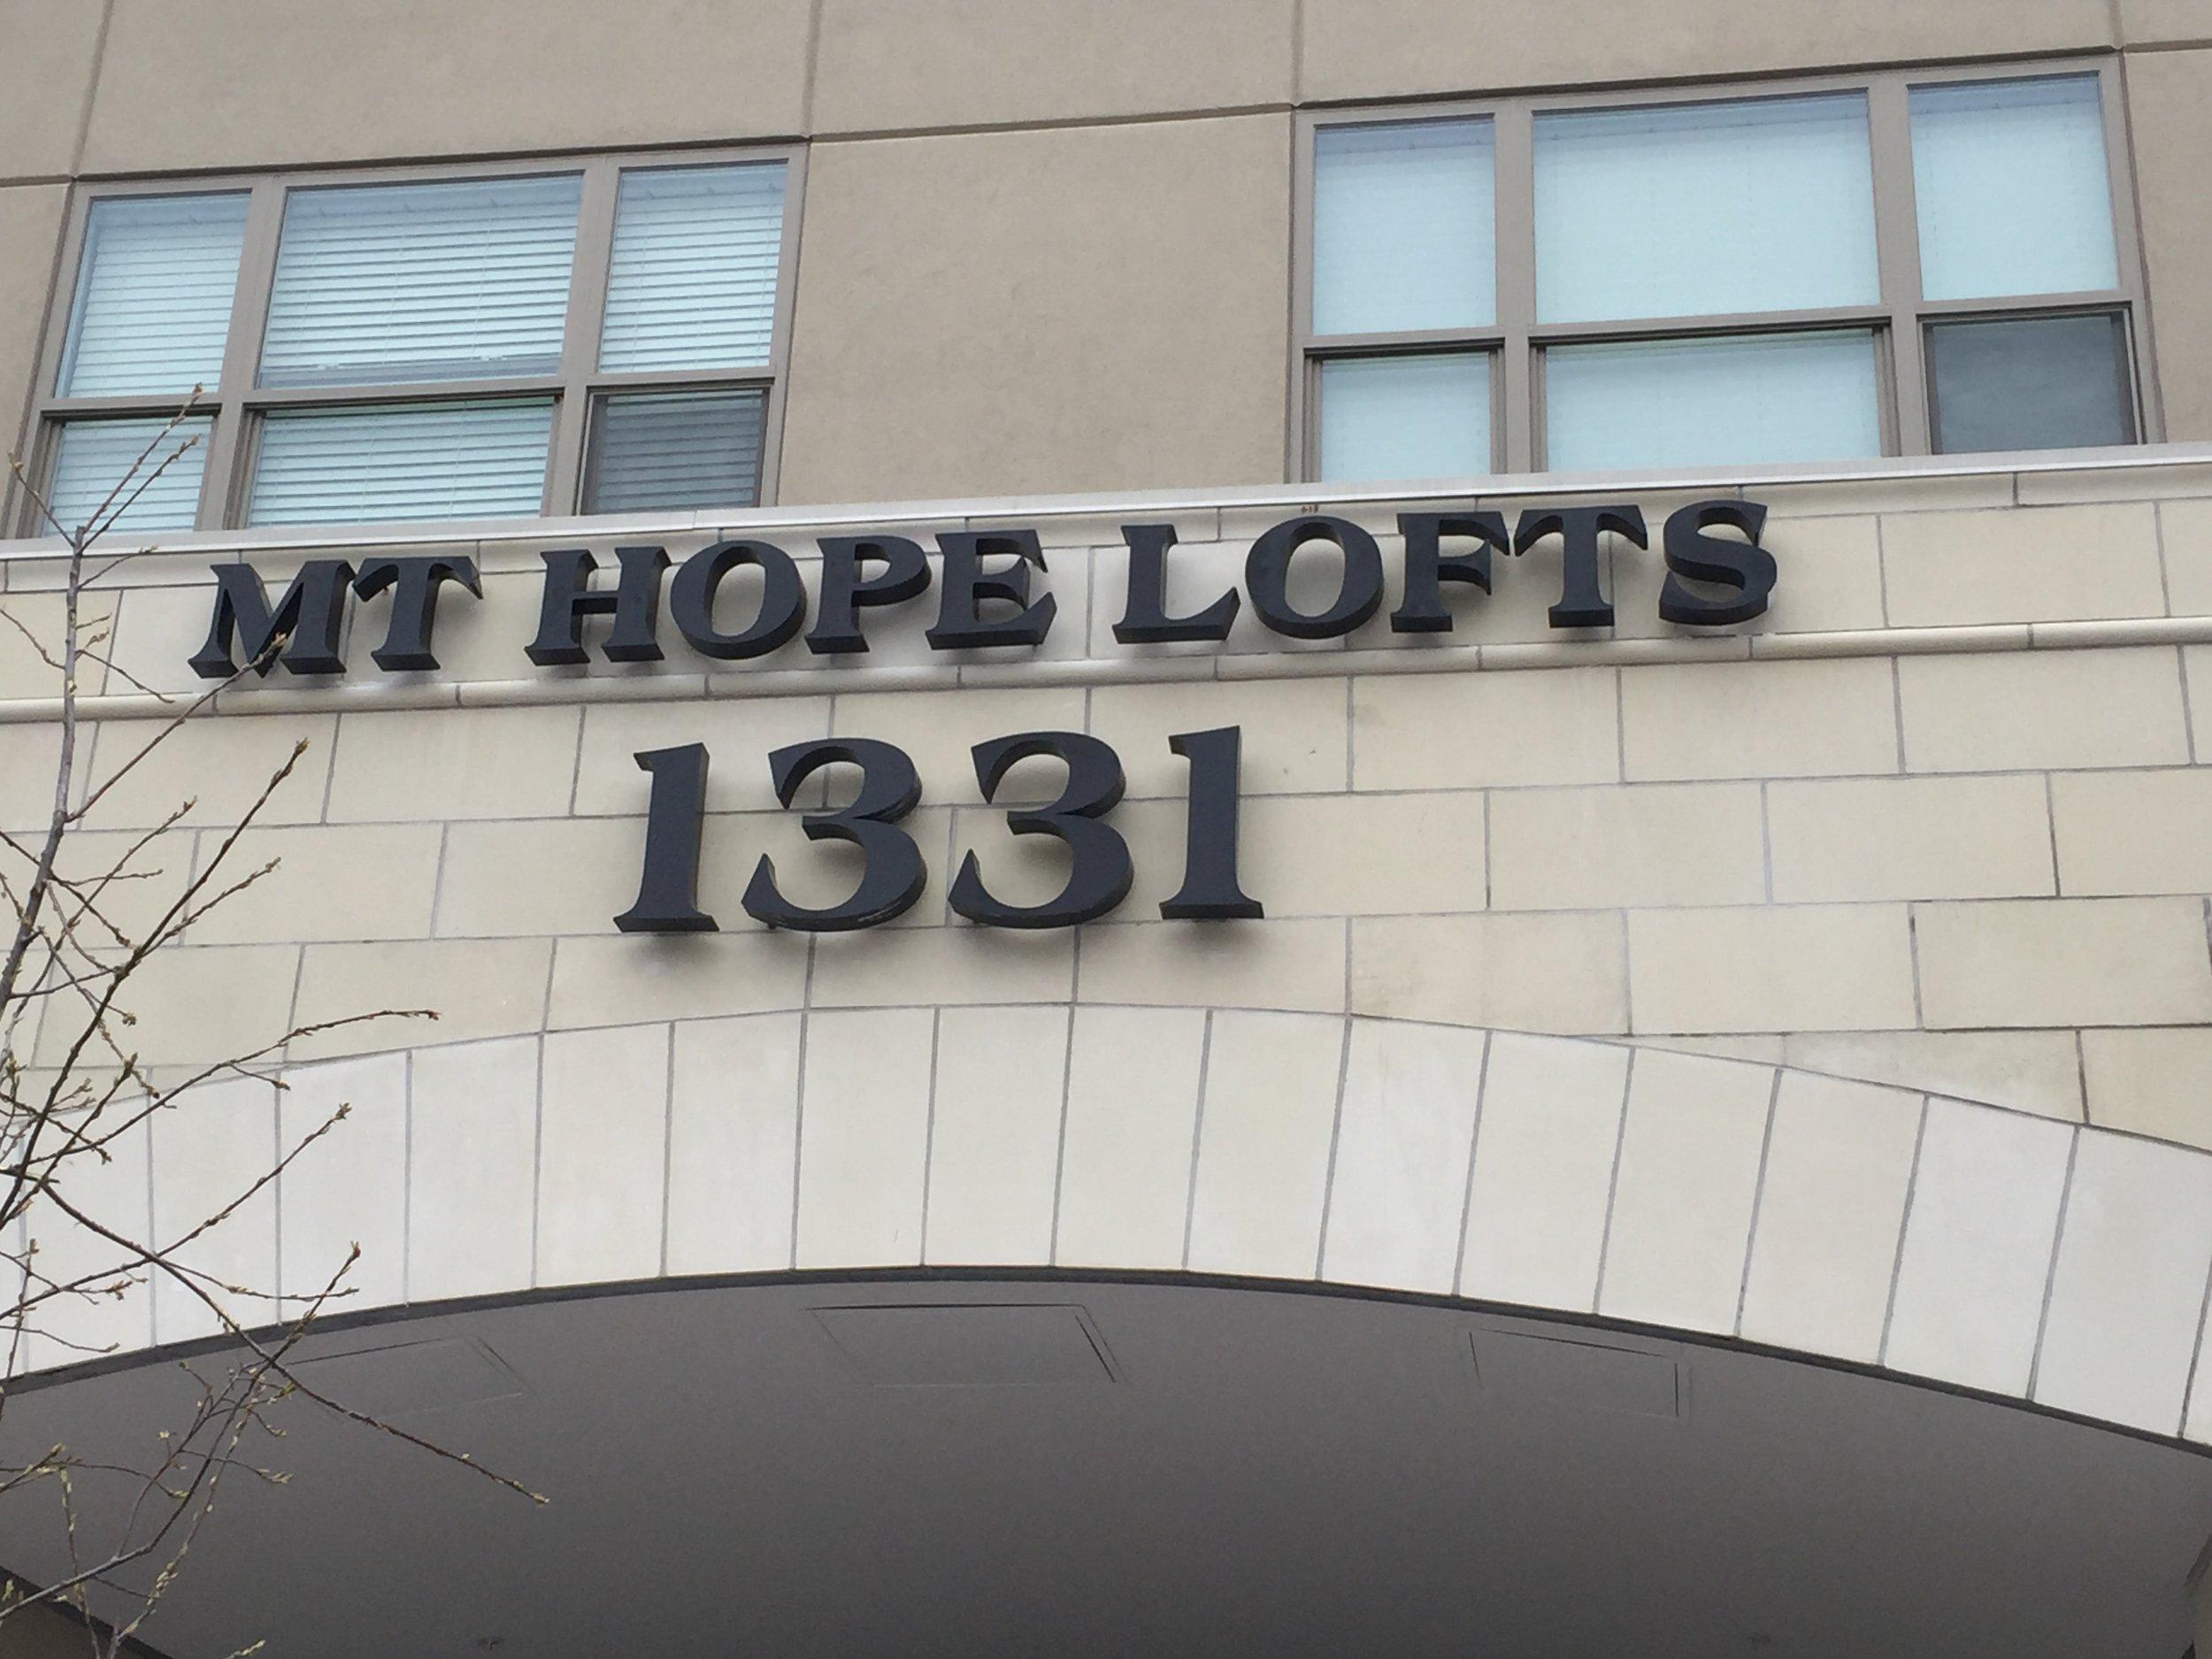 Mt Hope Lofts